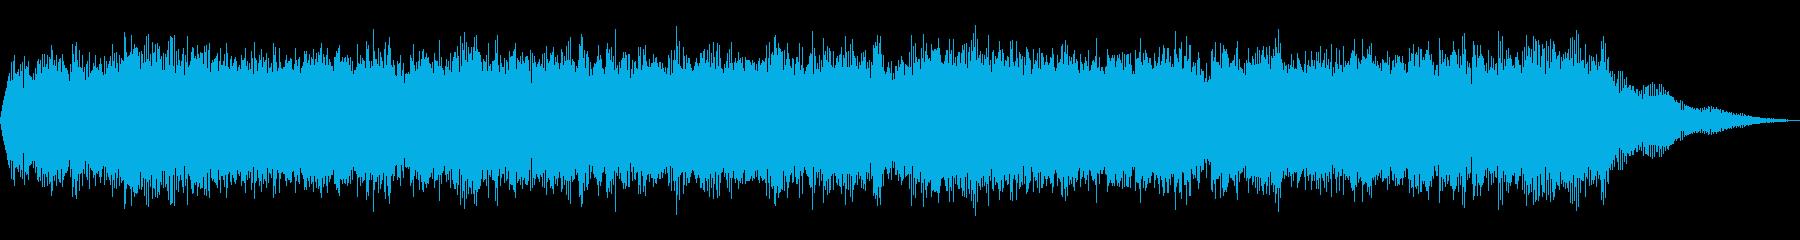 お悩み解決系15秒ジングル Ver.03の再生済みの波形